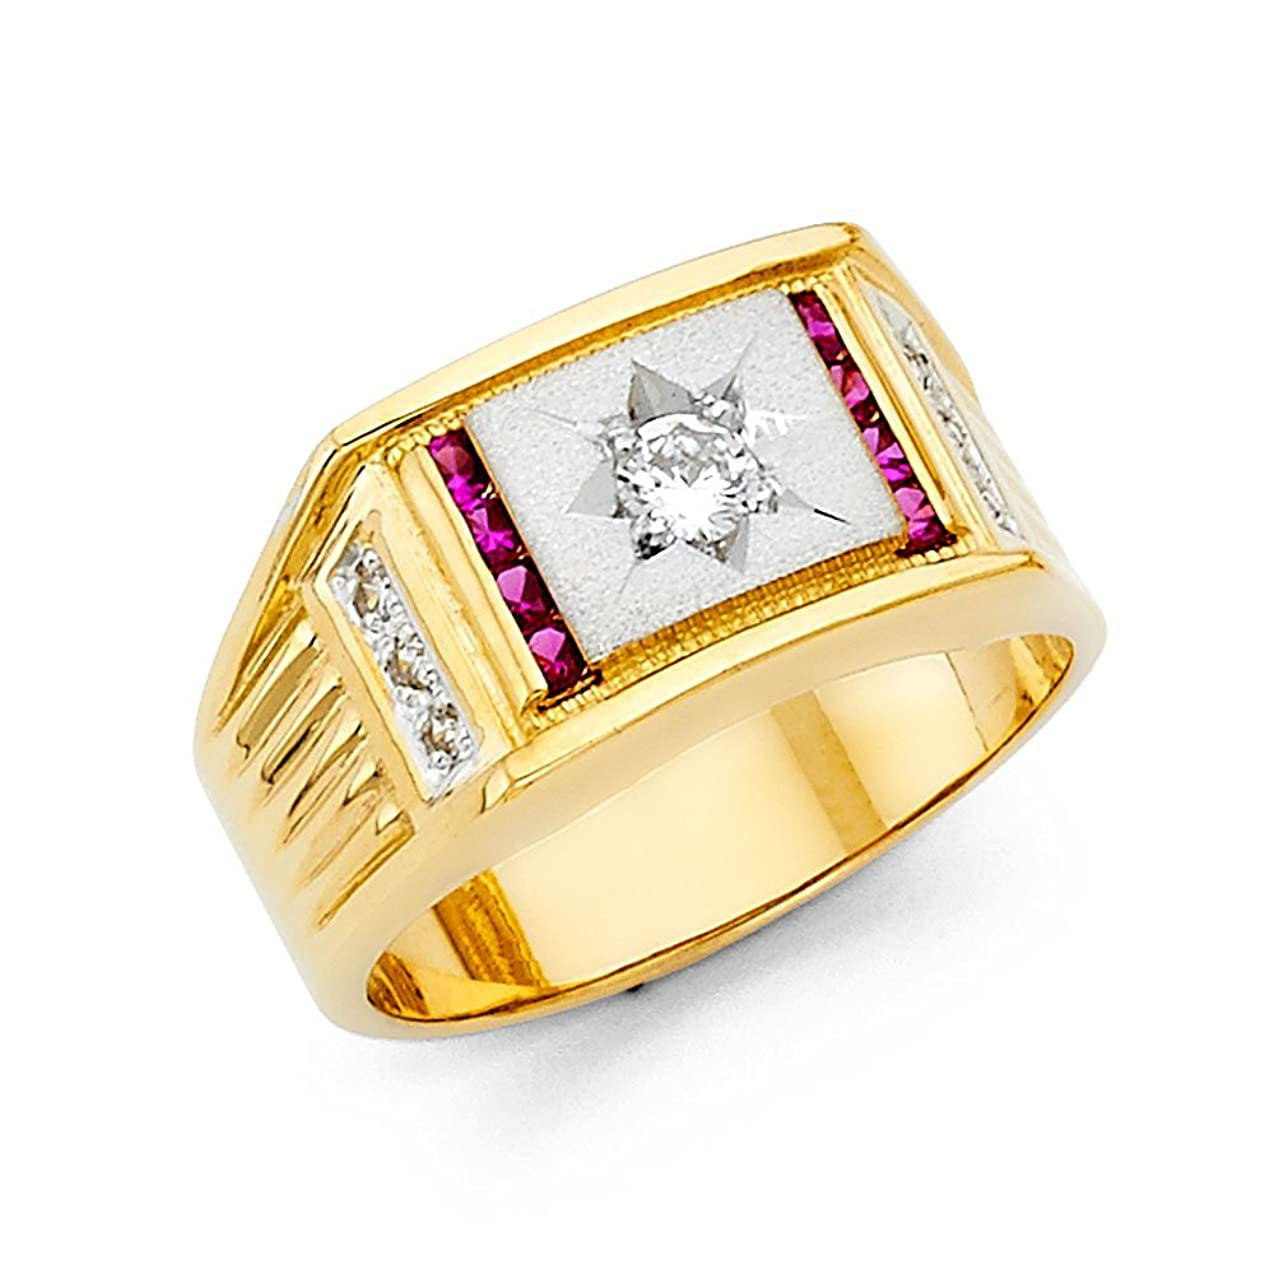 追記グラマー鼻Jewels By Lux メンズ 14KイエローゴールドキュービックジルコニアCZファッション周年記念リングW / Rubyのサイズ イエローゴールド 11